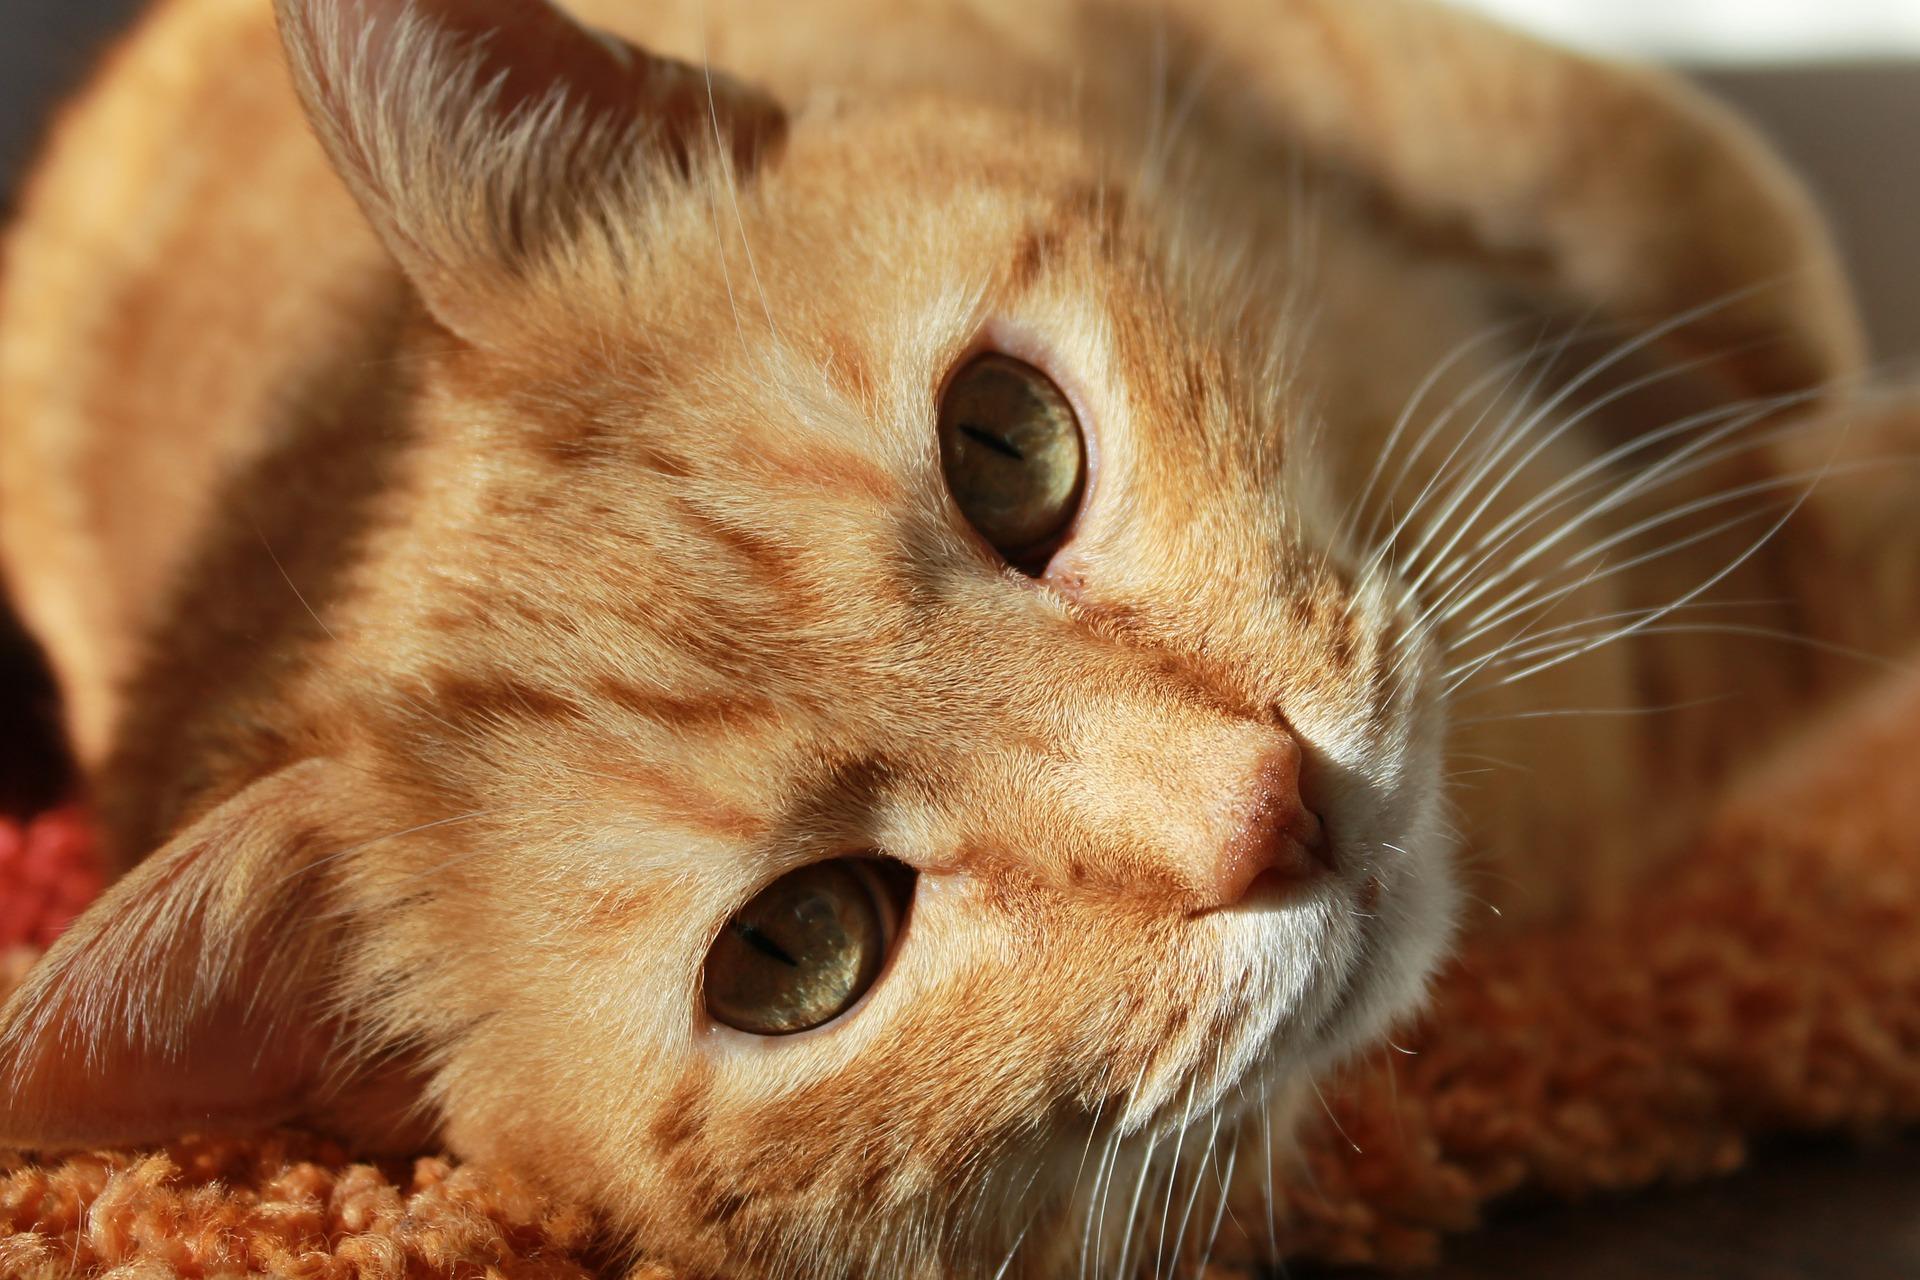 cat-636172_1920